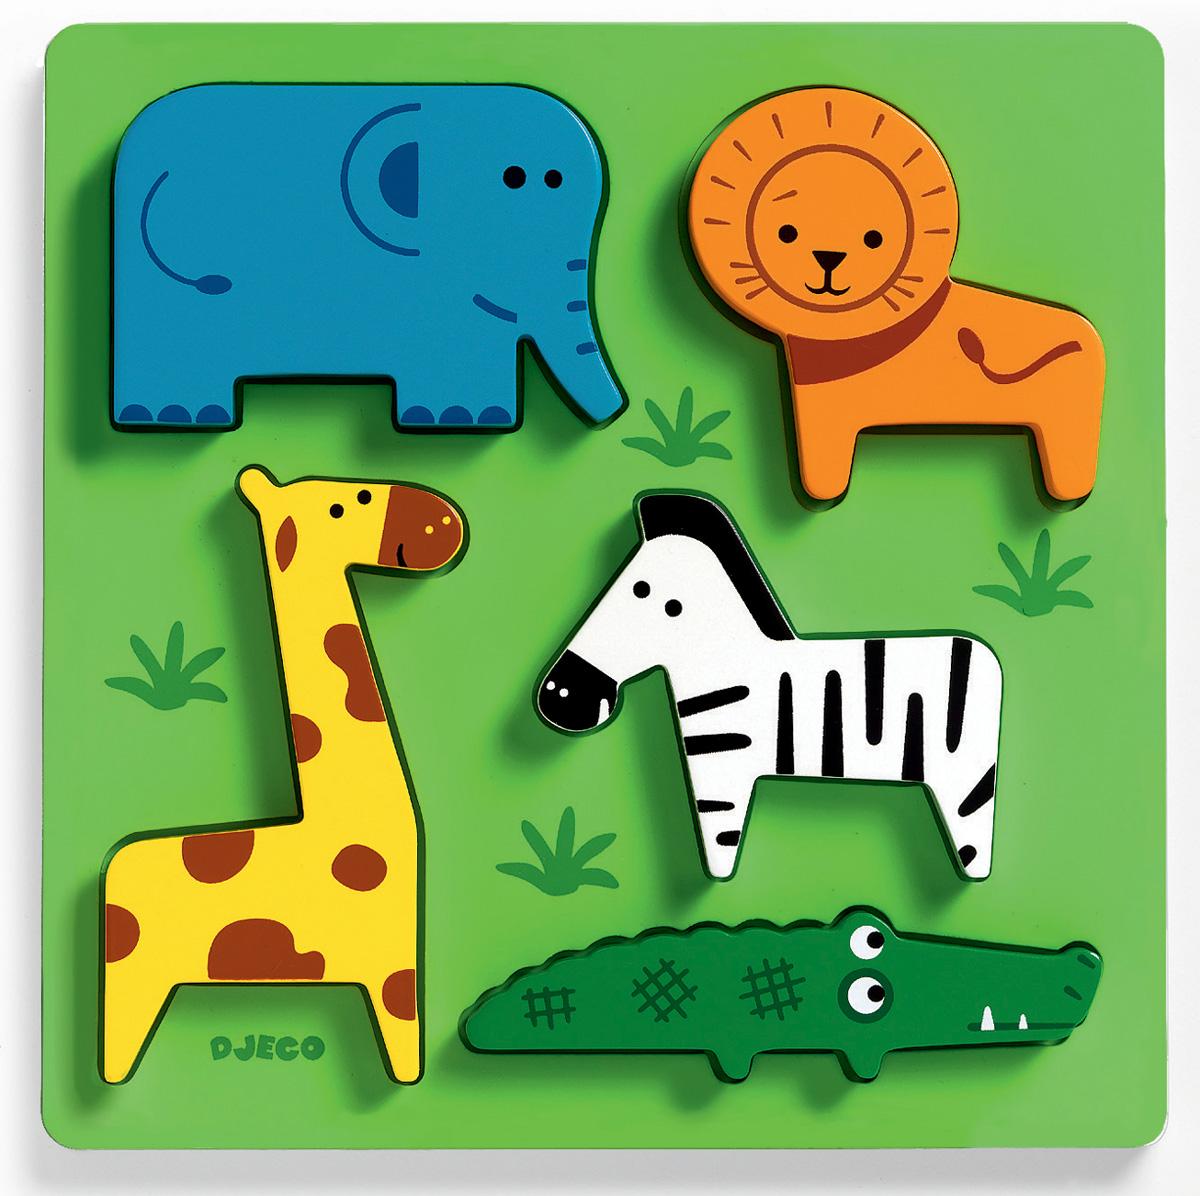 Djeco Пазл для малышей Животные сафари djeco набор игрушек животные djeco